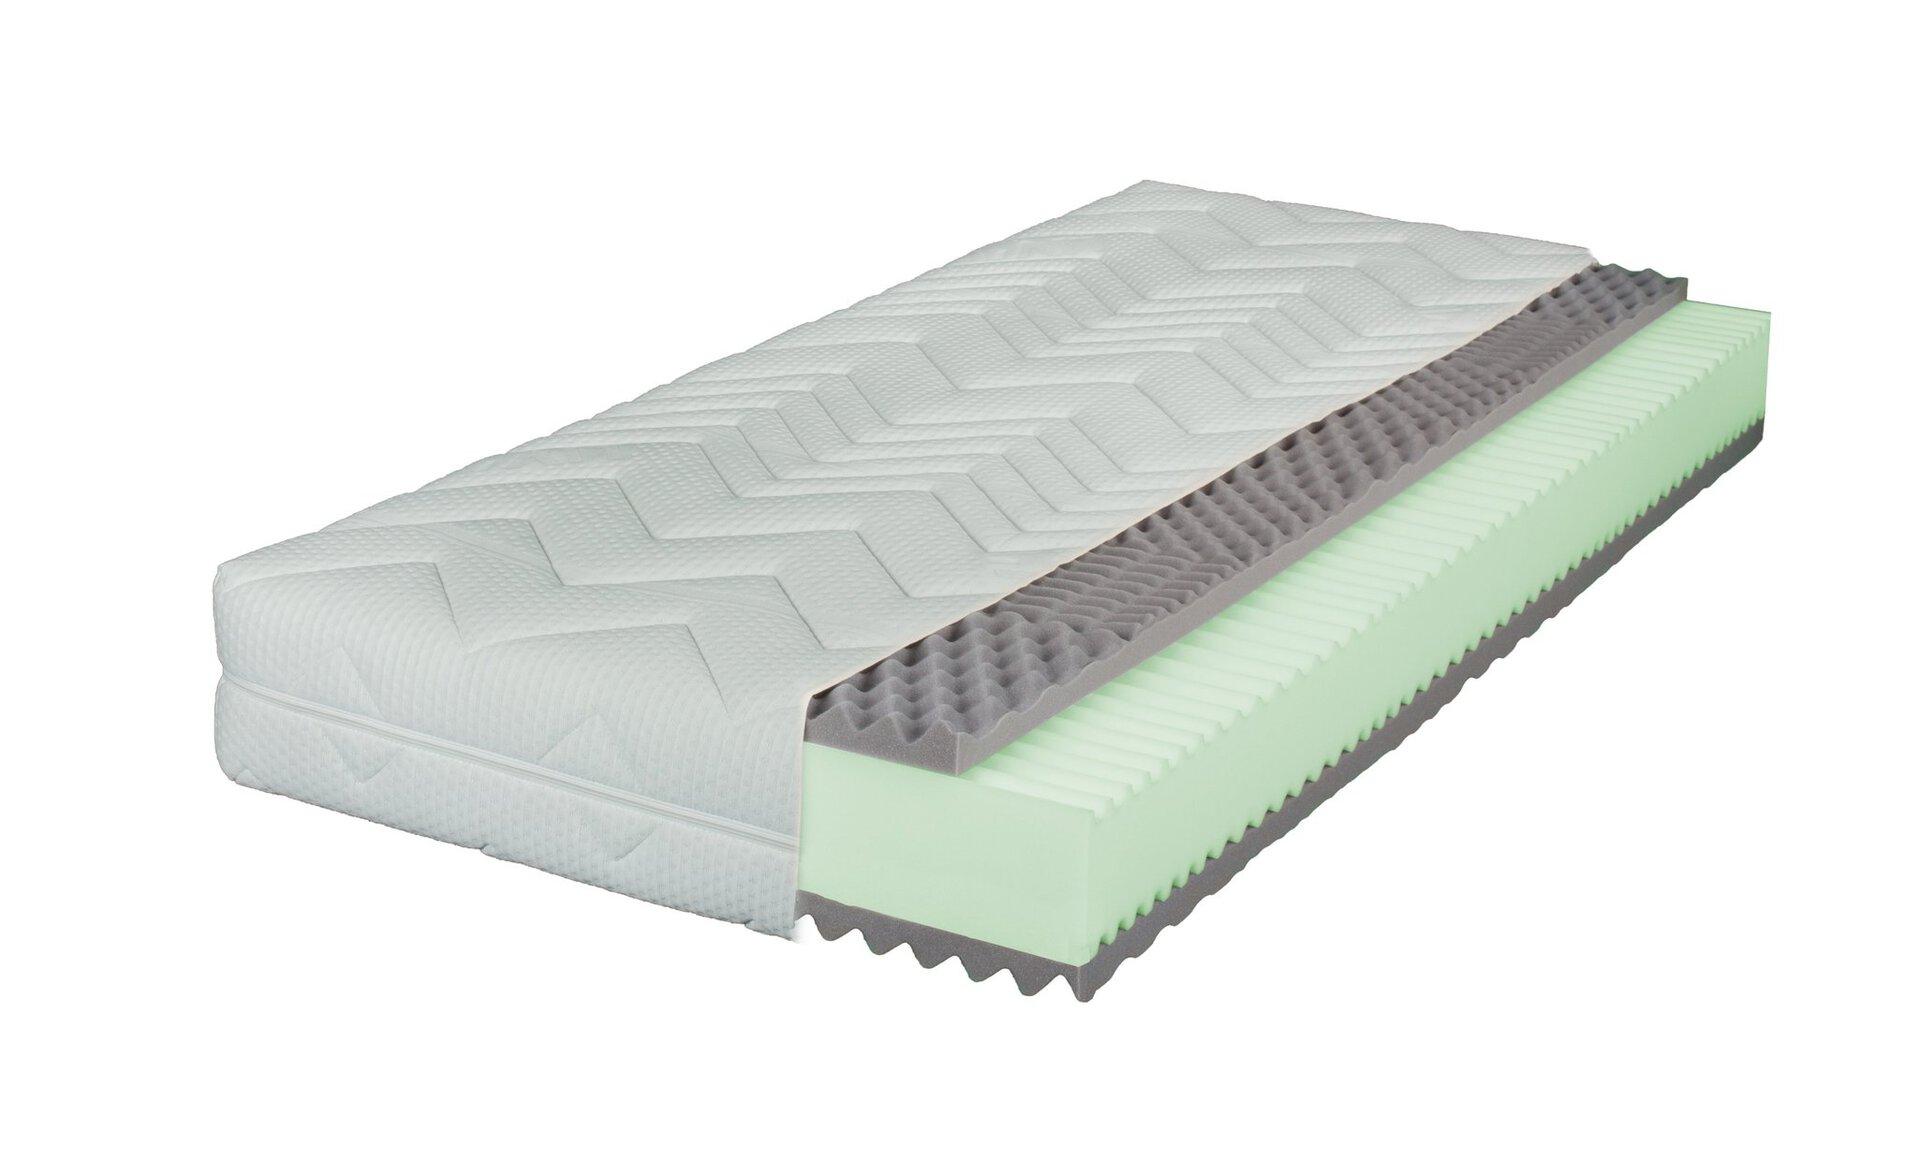 Kaltschaummatratze NARA LIV'IN LIV'IN Textil weiß 200 x 23 x 90 cm